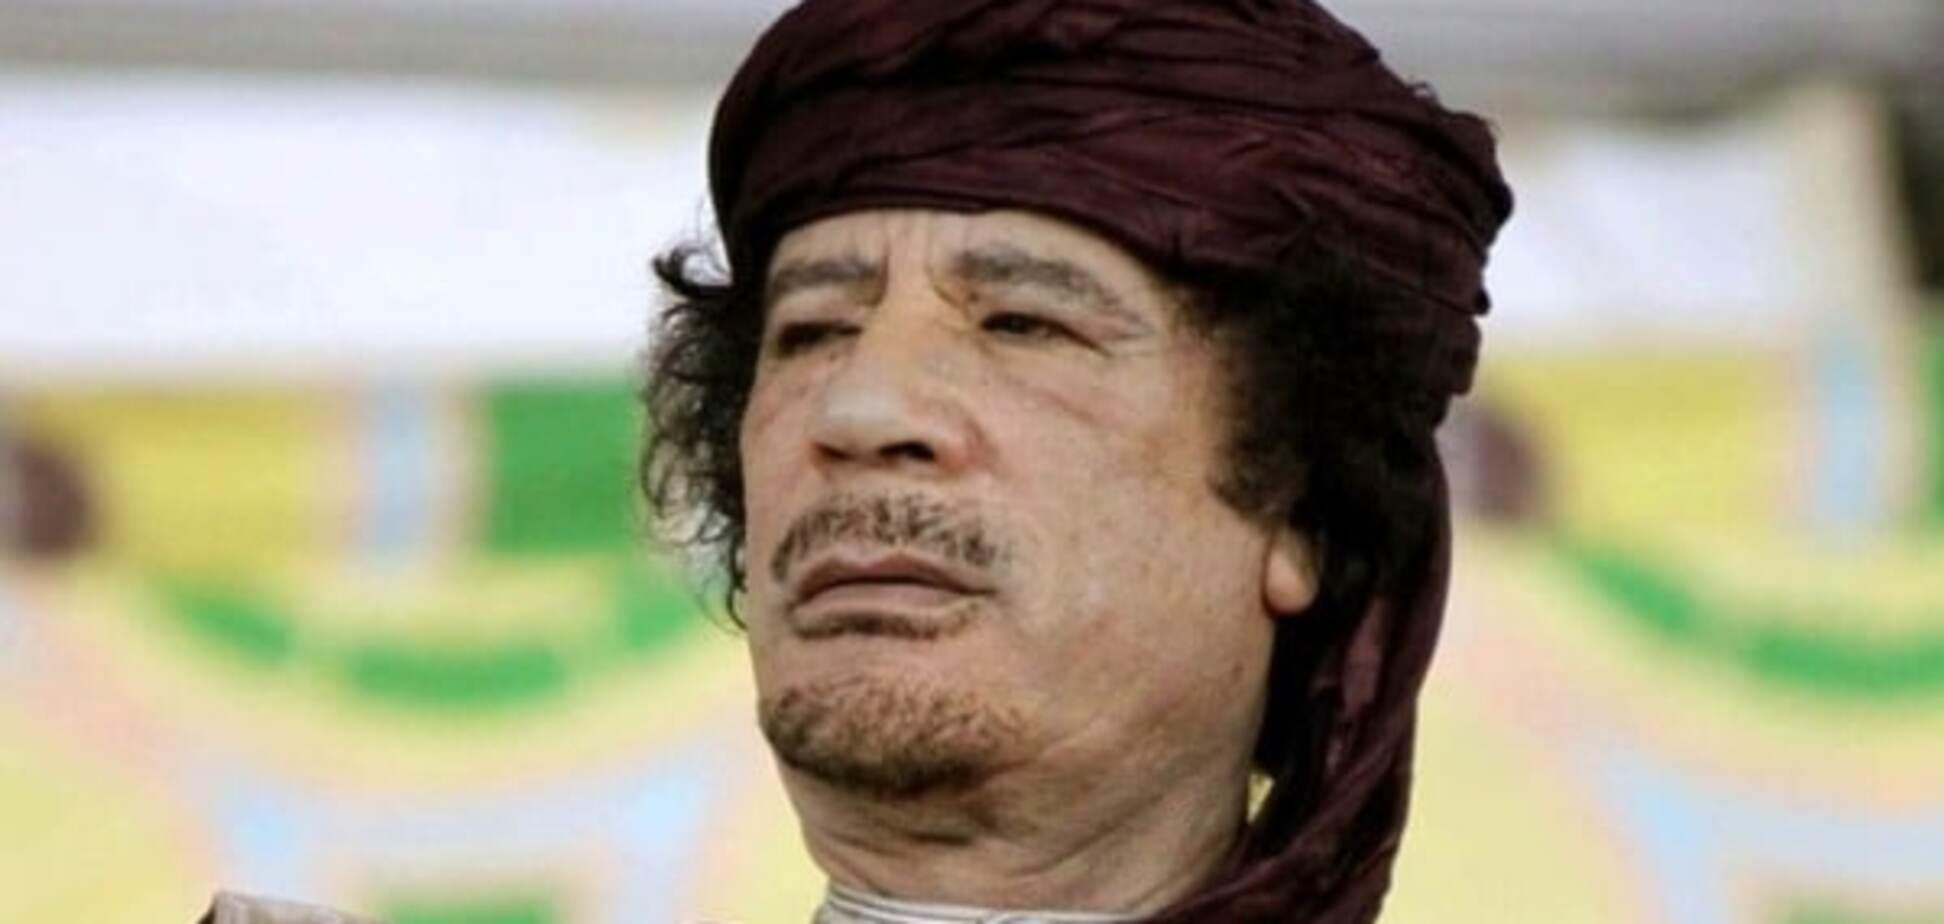 Опубліковано нове відео останніх хвилин життя Каддафі